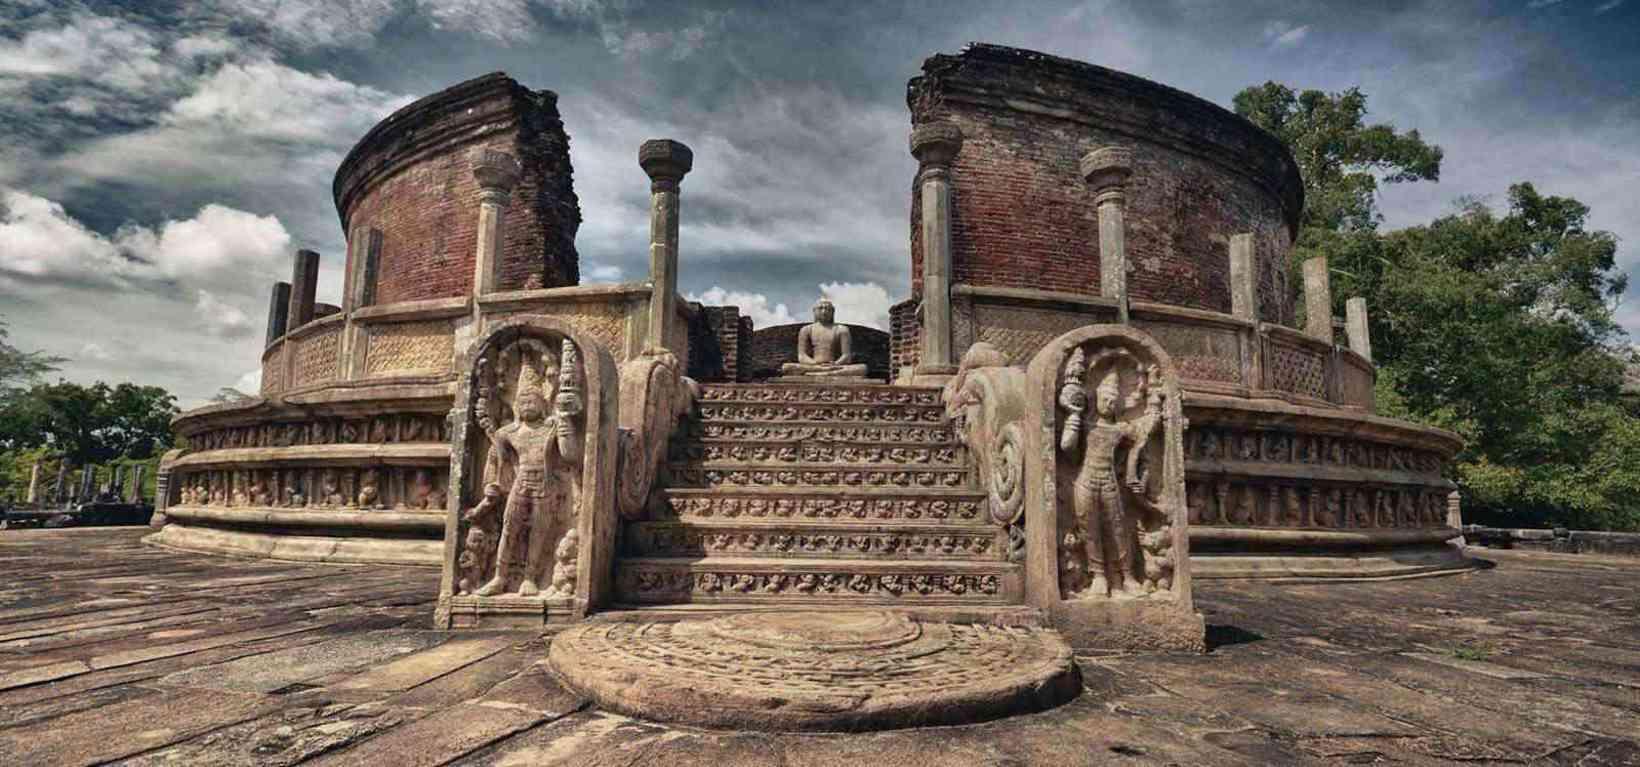 History & Heritage of Sri Lanka